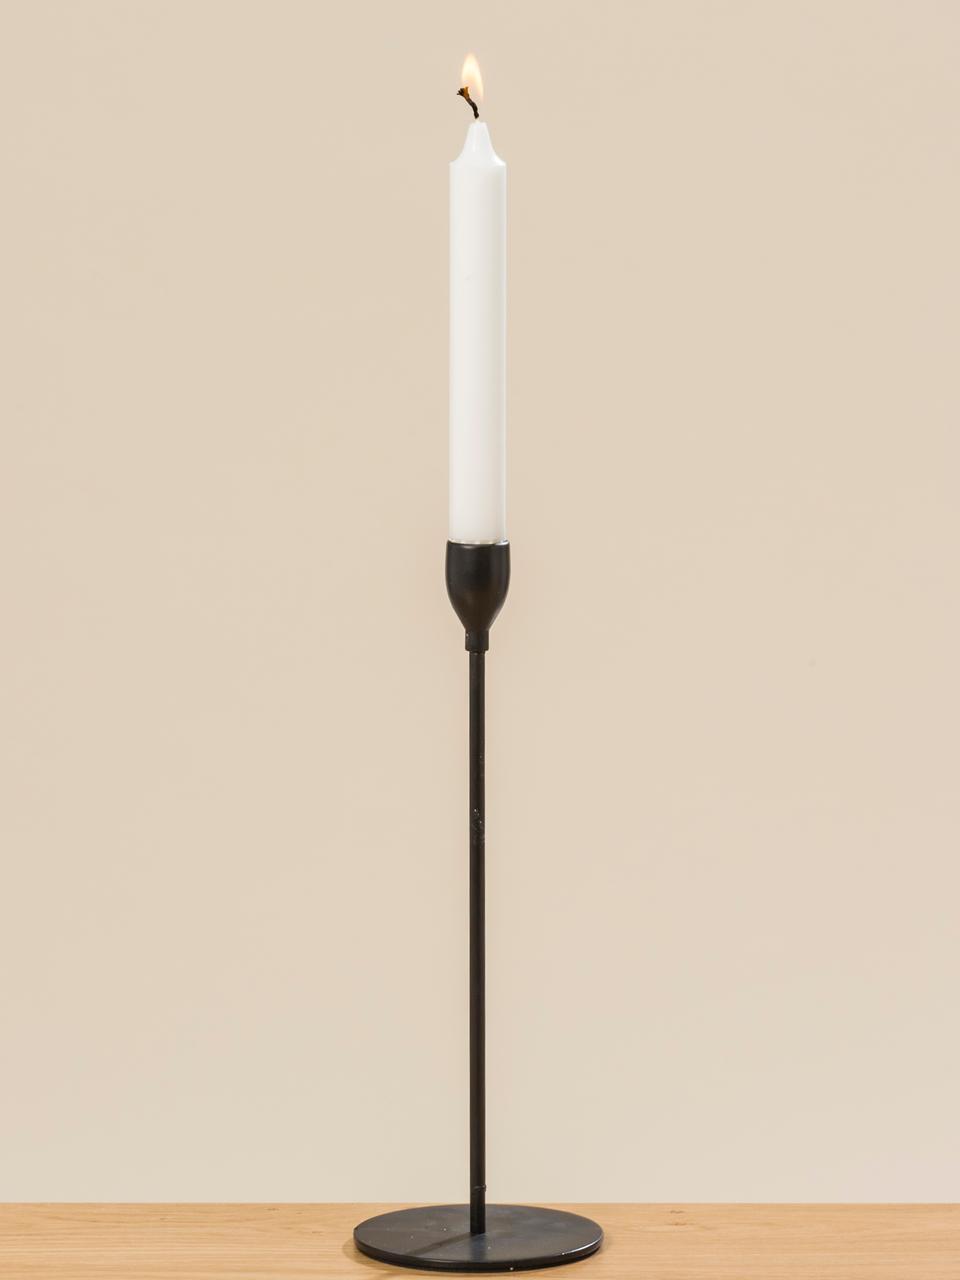 Kandelaarsset Malte, 3-delig, Gecoat metaal, Zwart, Set met verschillende formaten